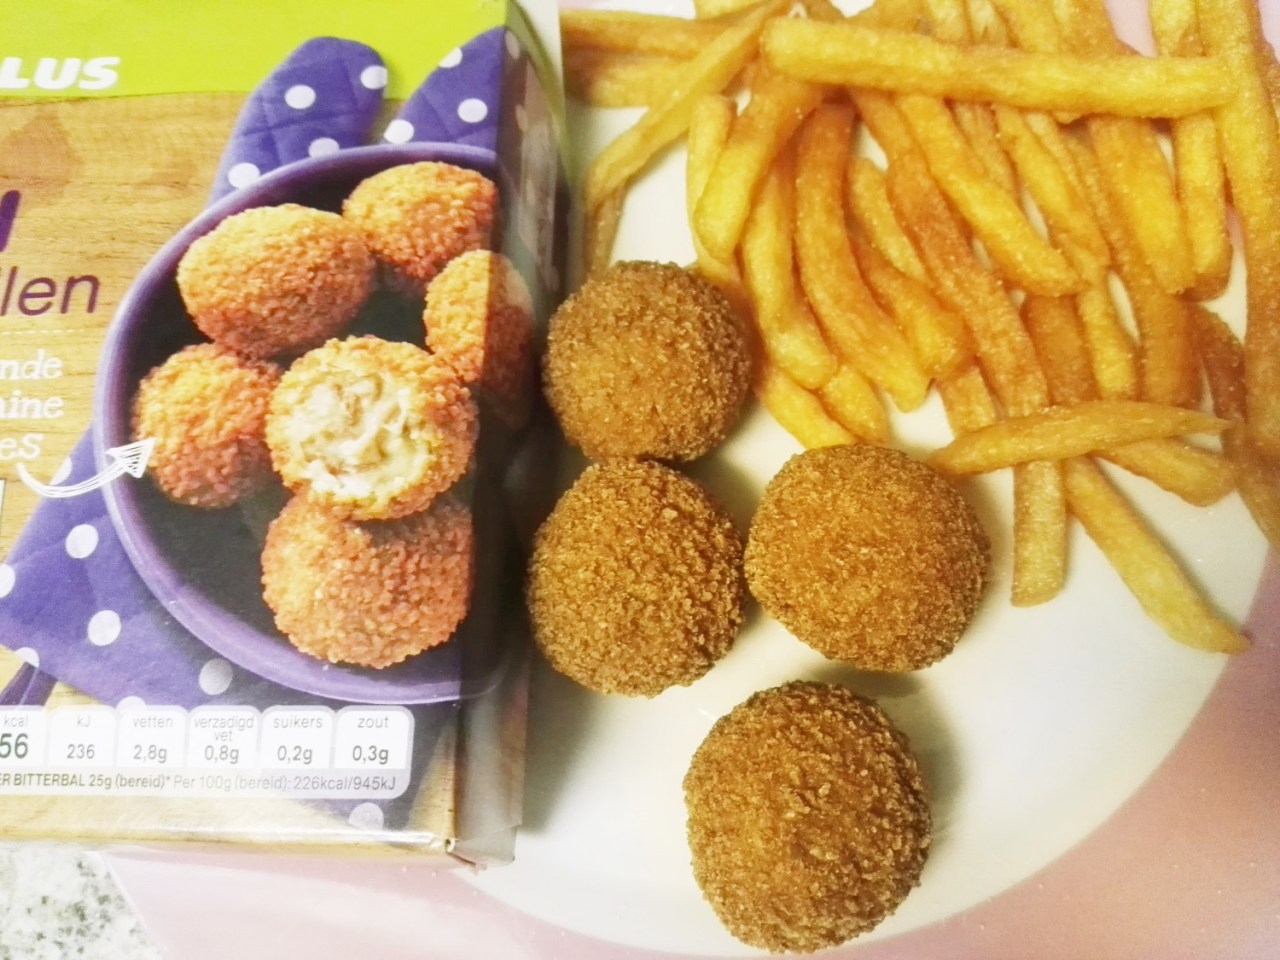 plusbitterballen - 26 Lekkere hapjes en snacks voor op een feestje, of bij de TV.